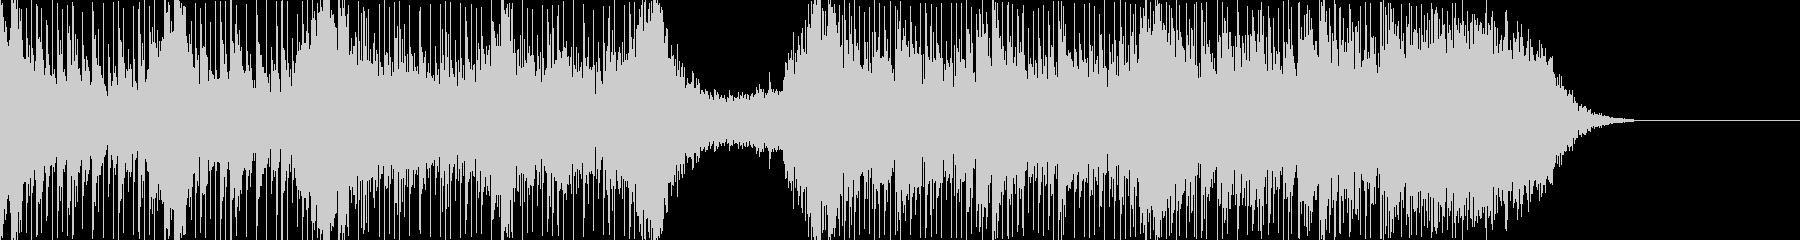 ハリウッド風トレイラー リズム主体03の未再生の波形